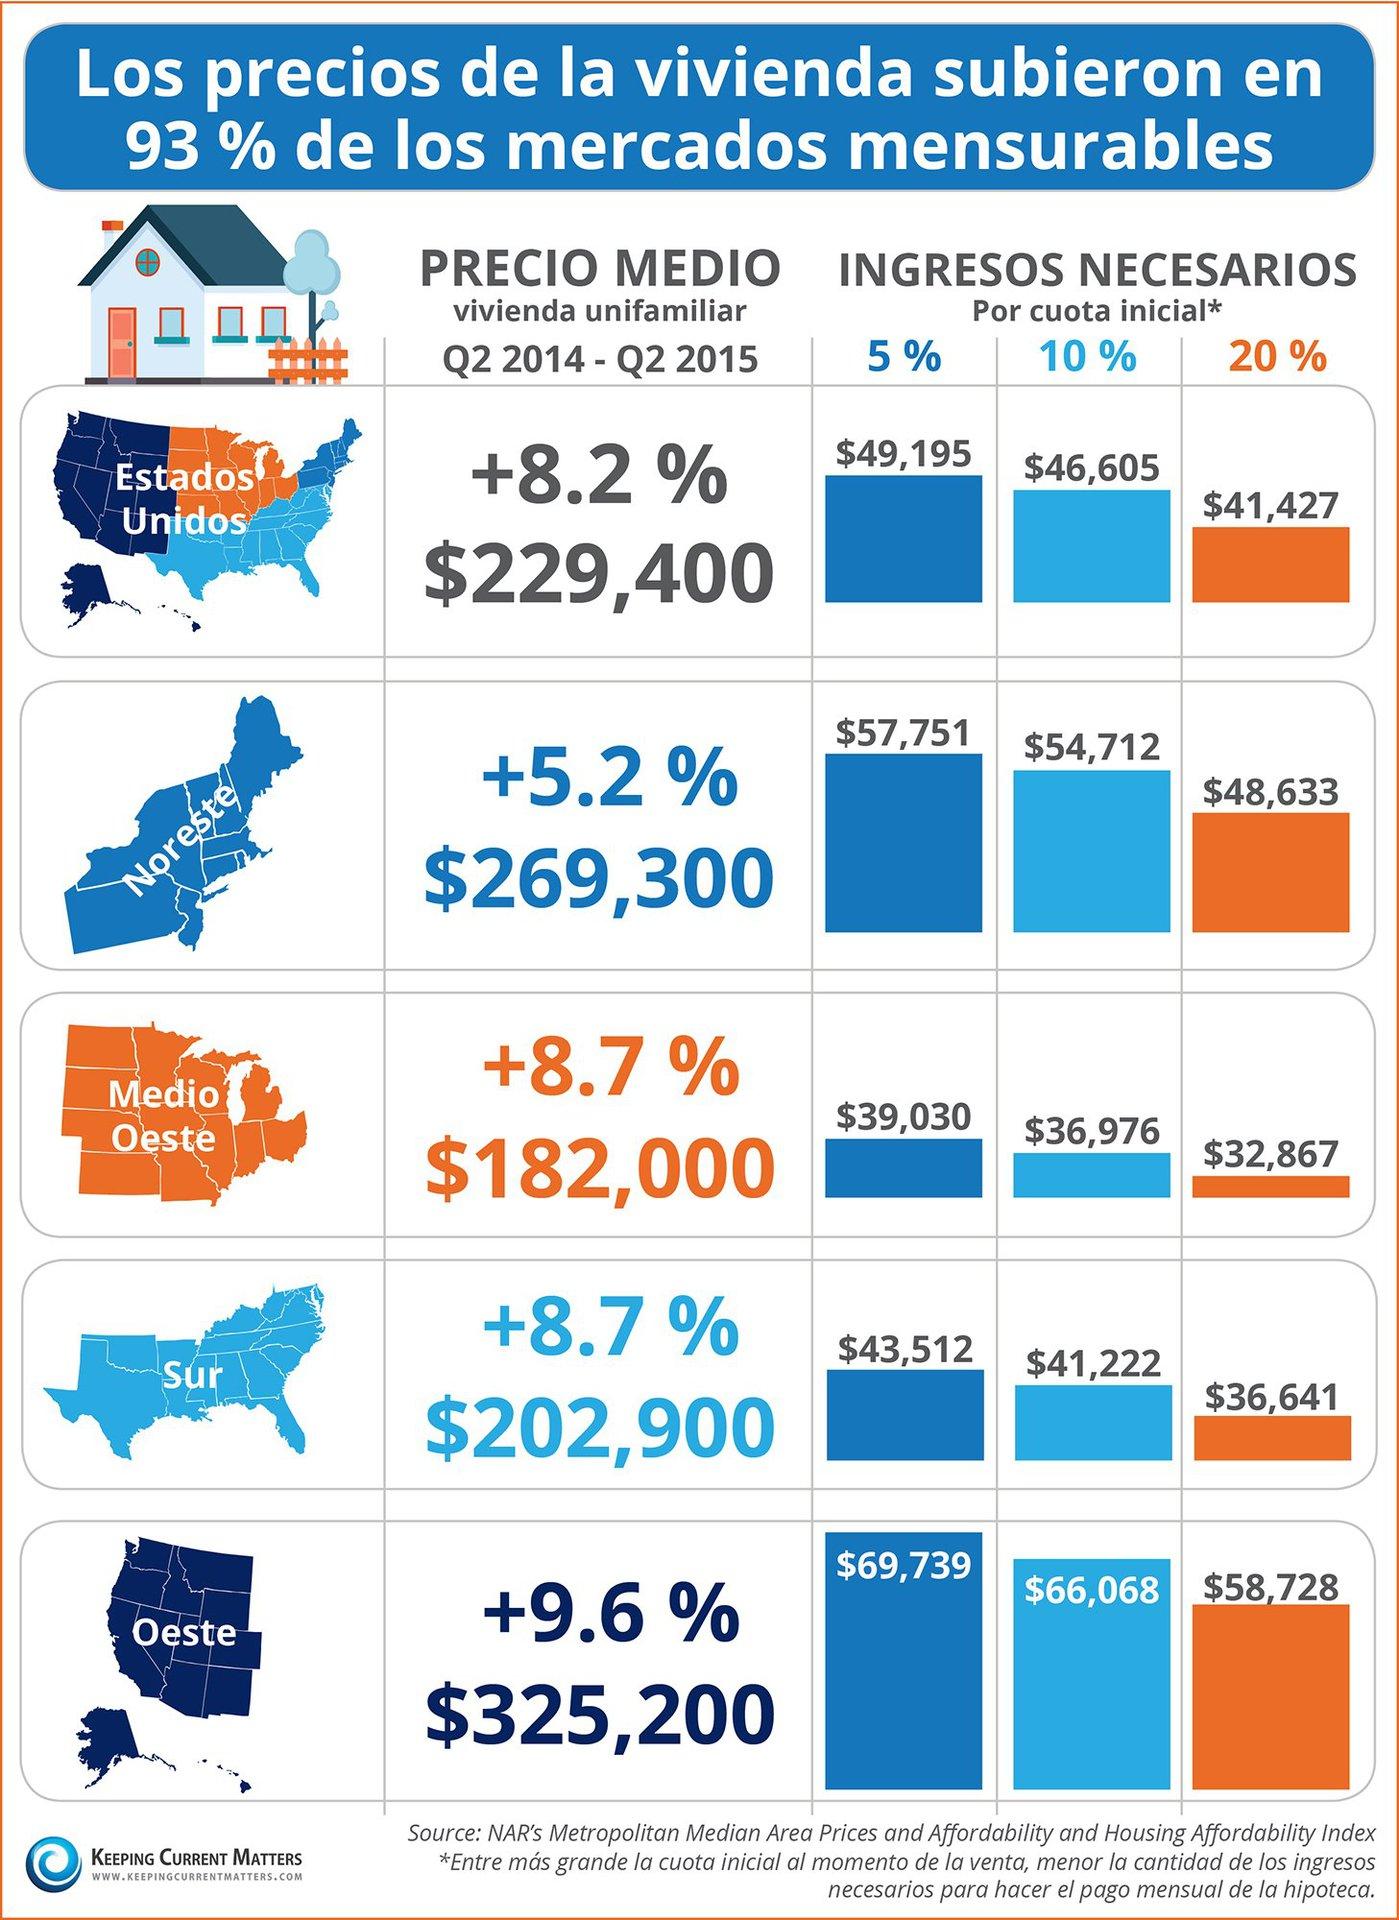 Los precios de la vivienda subieron en 93 % de los mercados mensurables [INFOGRAFíA]   Keeping Current Matters